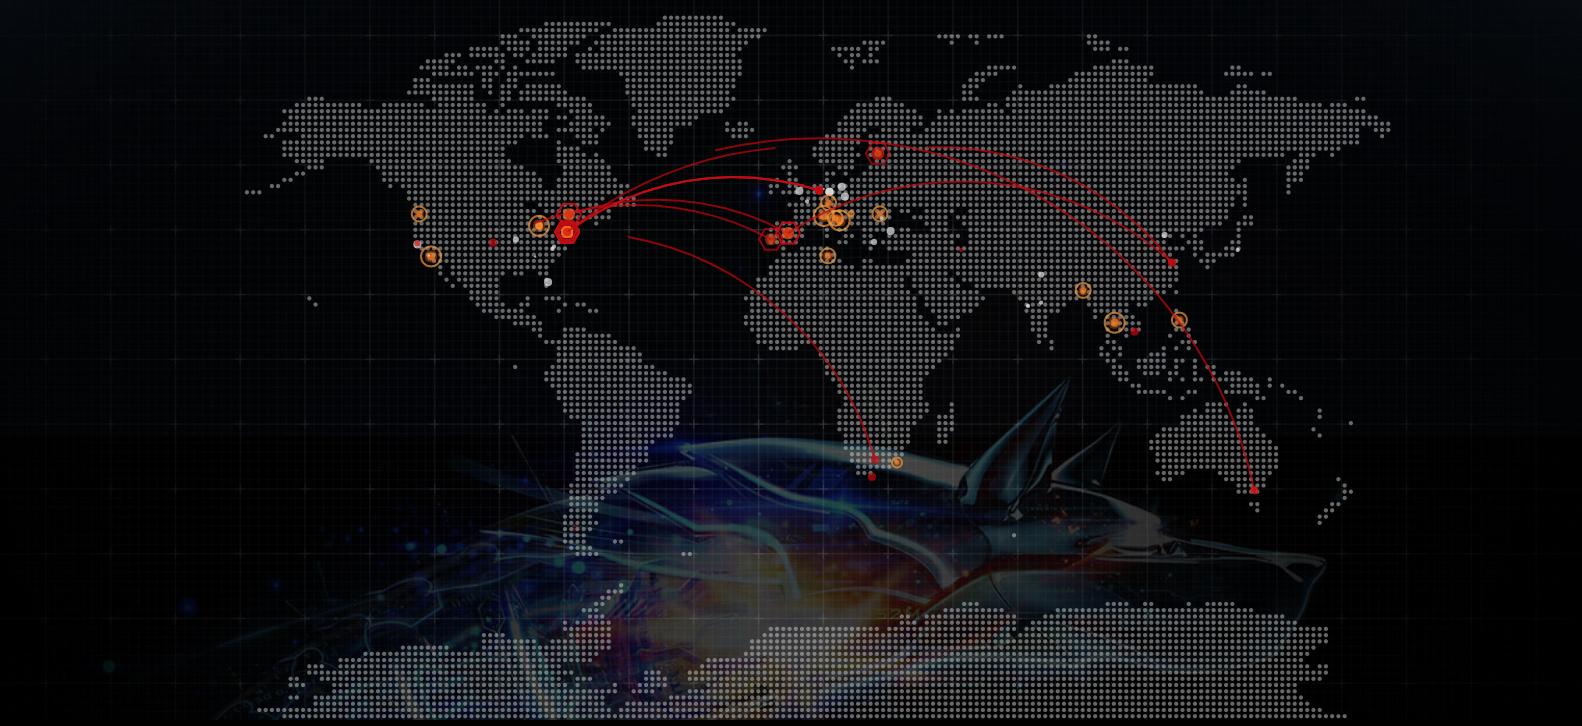 threatmap.png